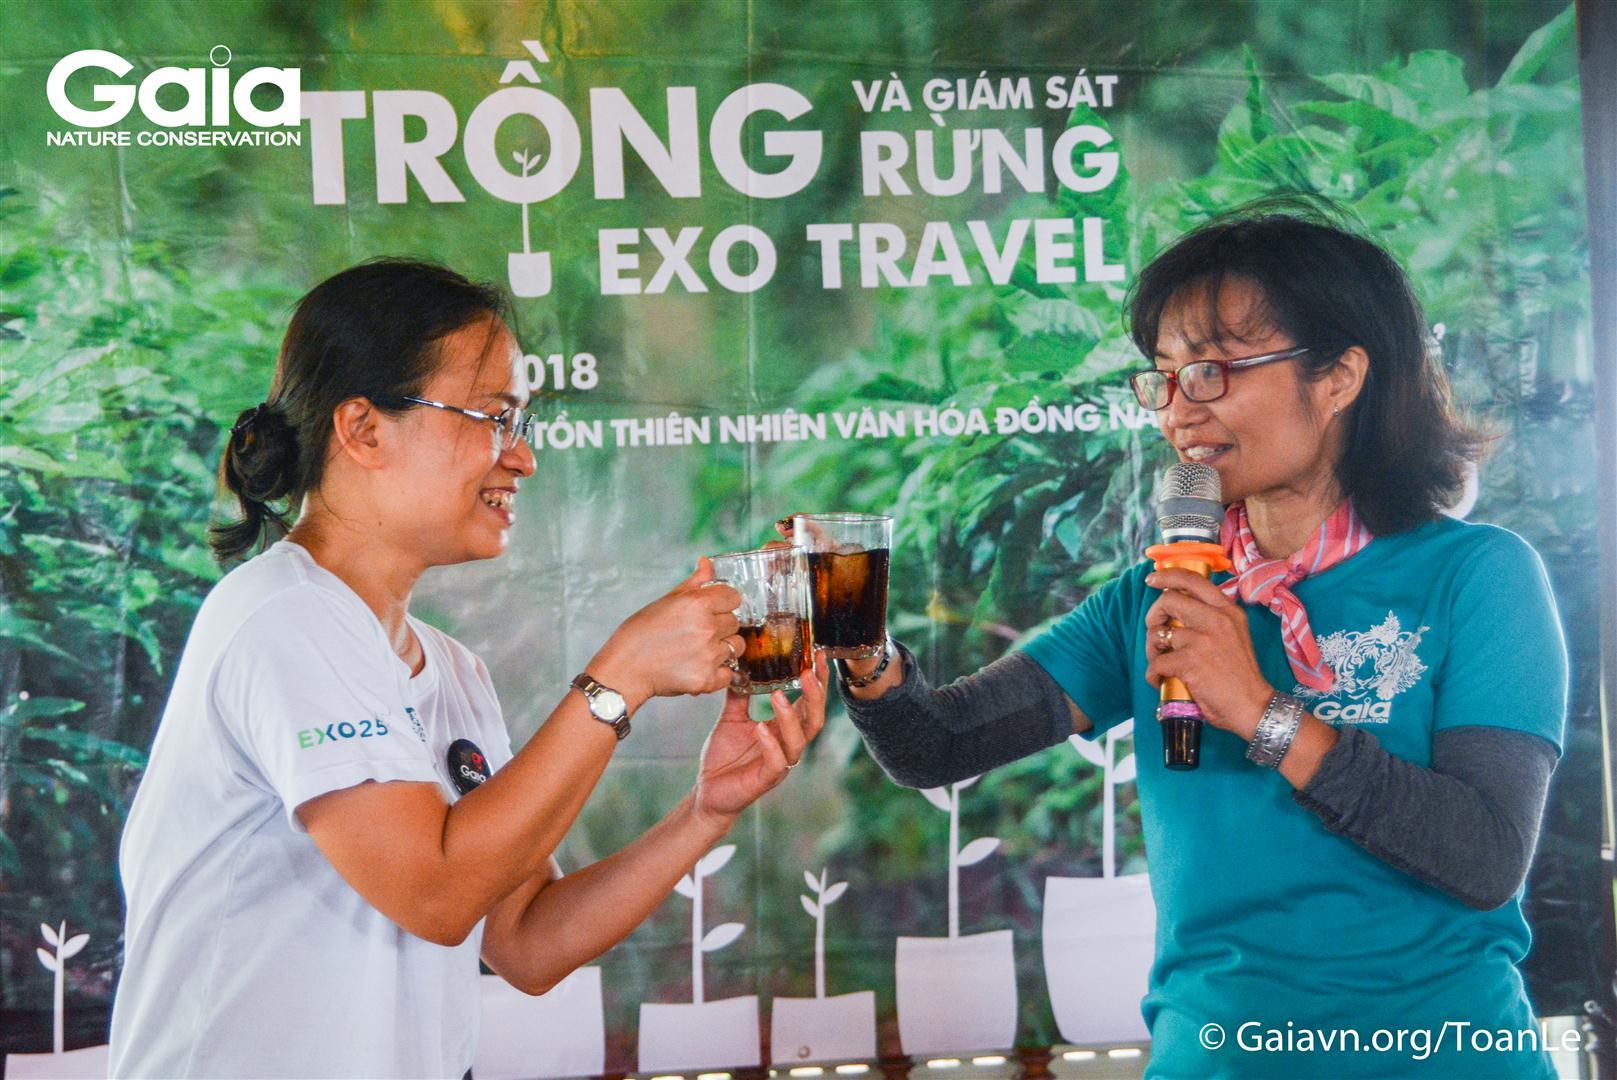 Đại diện Gaia và EXO Travel chúc mừng thành công ngày Trồng rừng